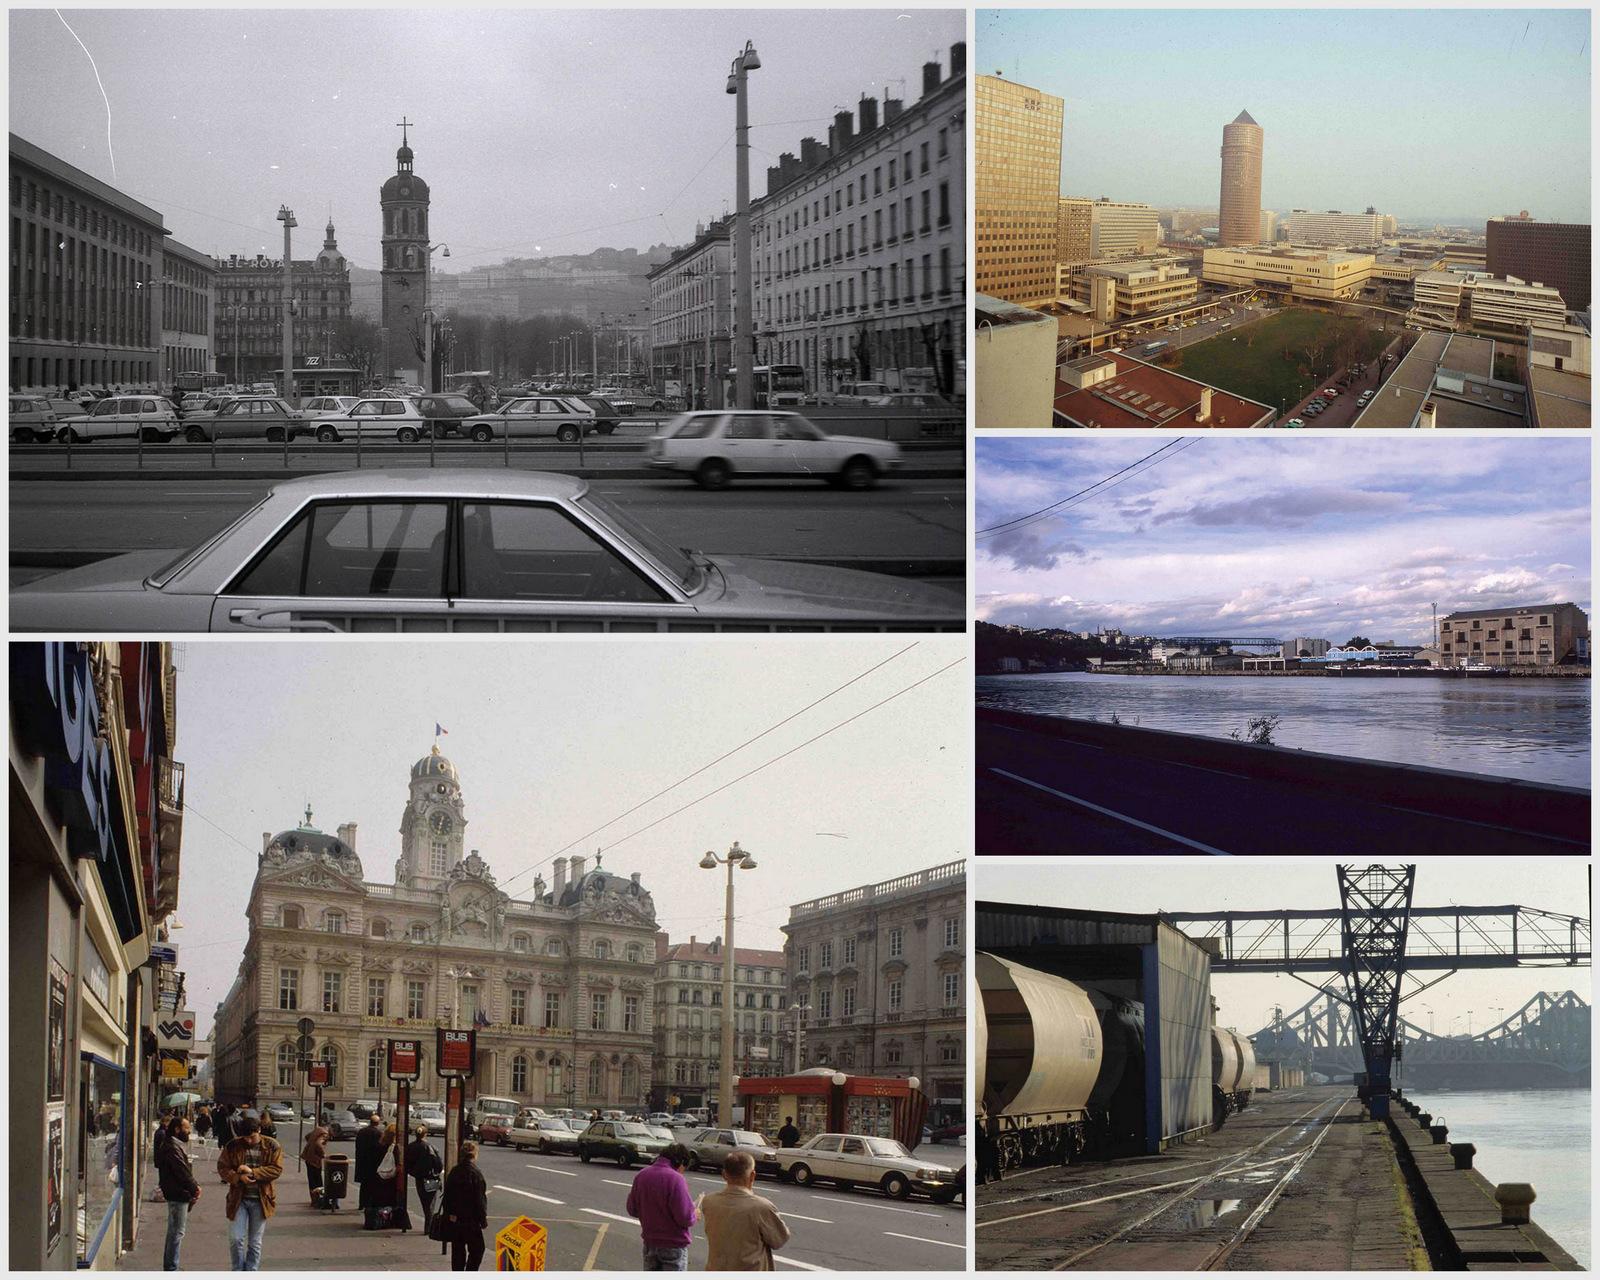 5lieux de Lyon méconnaissables aujourd'hui: la place Antonin-Poncet (photo de 1984), les Terreaux (1990), la Part-Dieu (1985), le sud de la Presqu'île qui ne s'appelle pas encore Confluence (1994) et le quai Rambaud (1991) © F.Guy / UrbaLyon (montage LC)